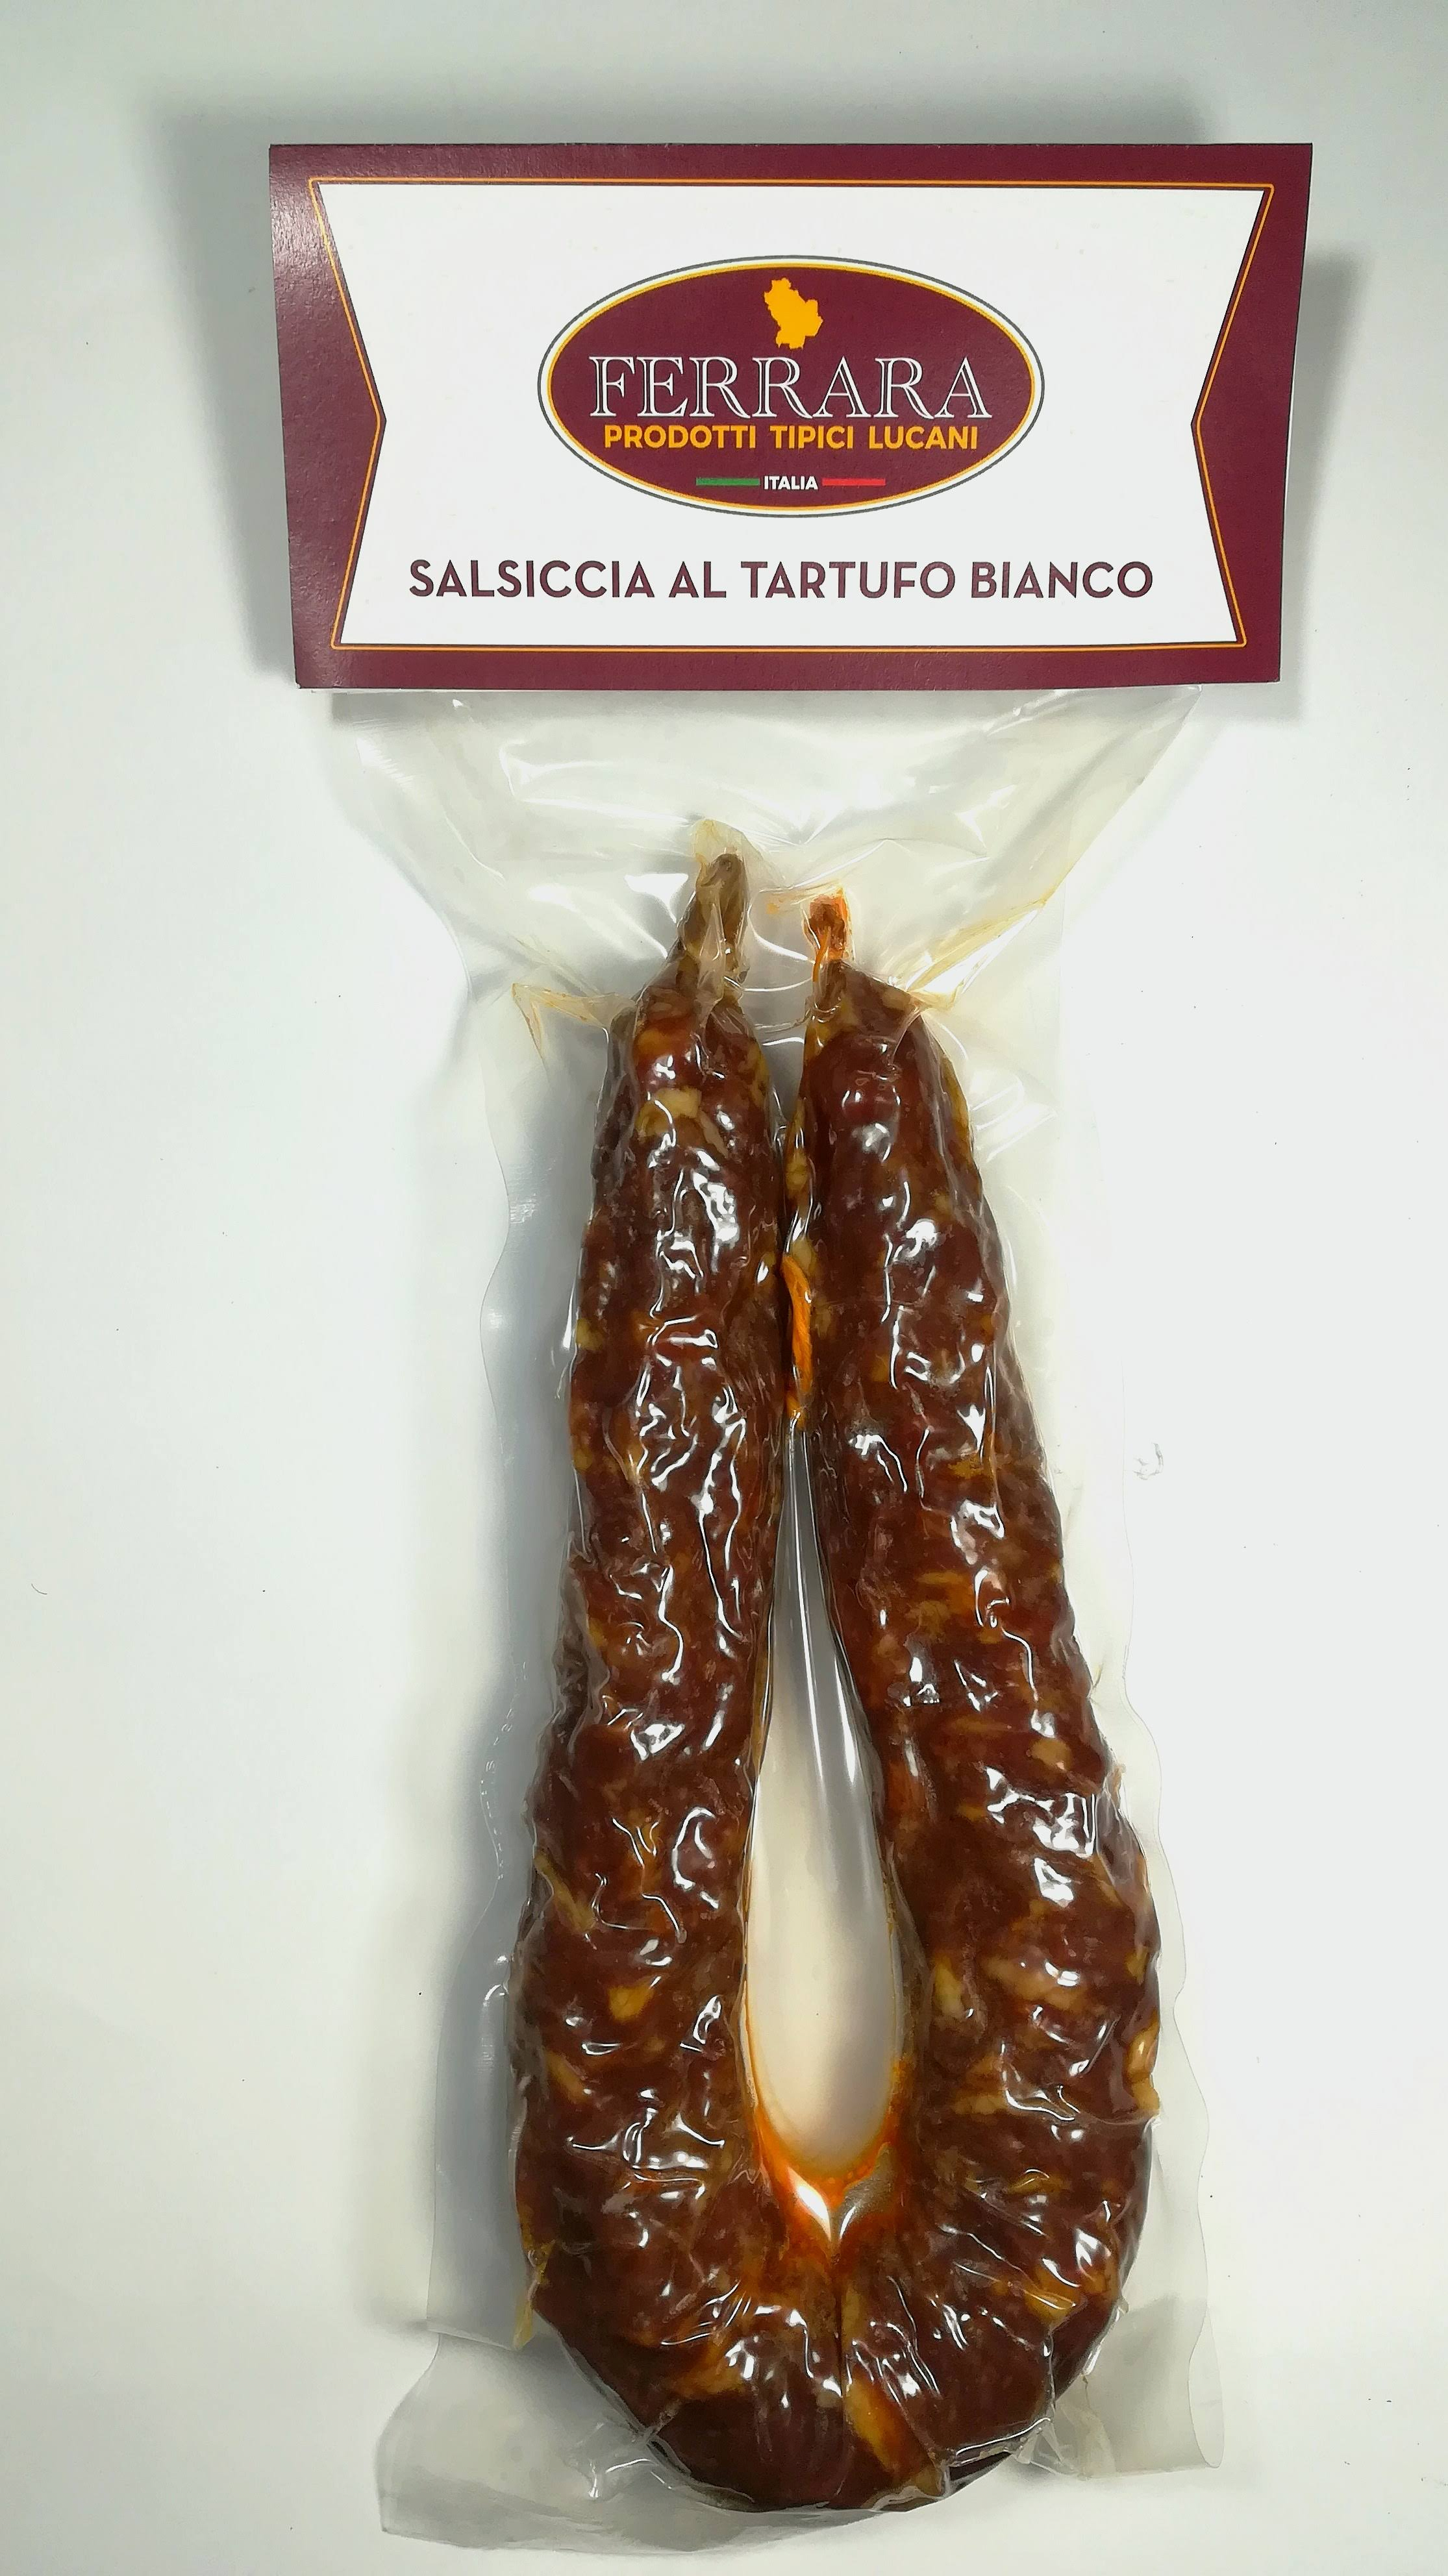 SALAME AL TARTUFO BIANCO GR. 200/250